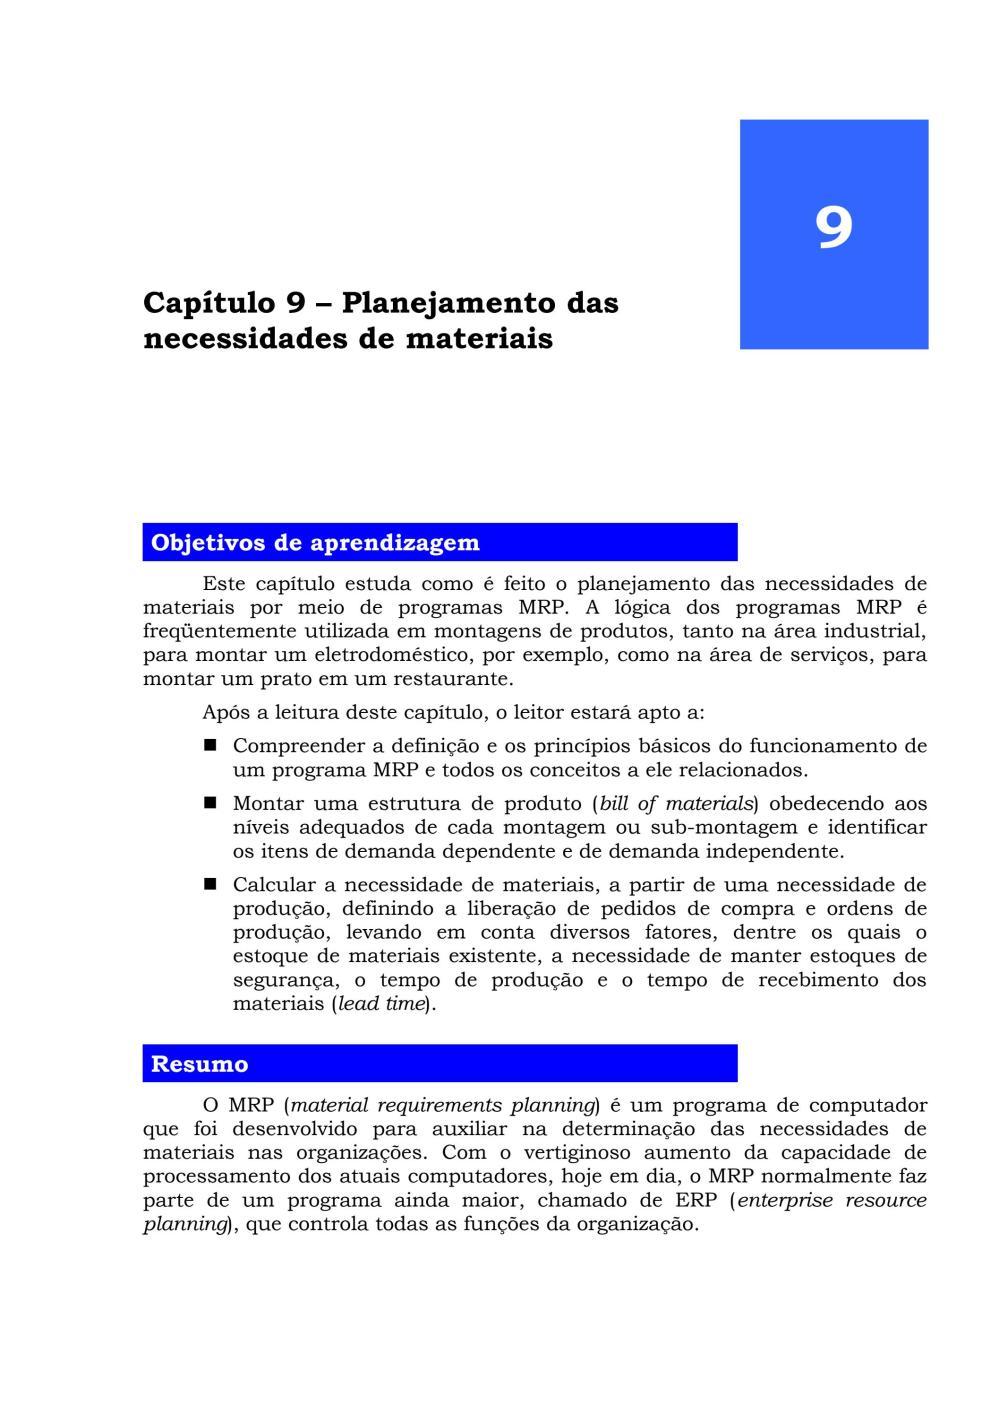 medium resolution of mrp planejamento das necessidades de materiais jurandir peinado e alexandre r graeml by jurandir peinado issuu